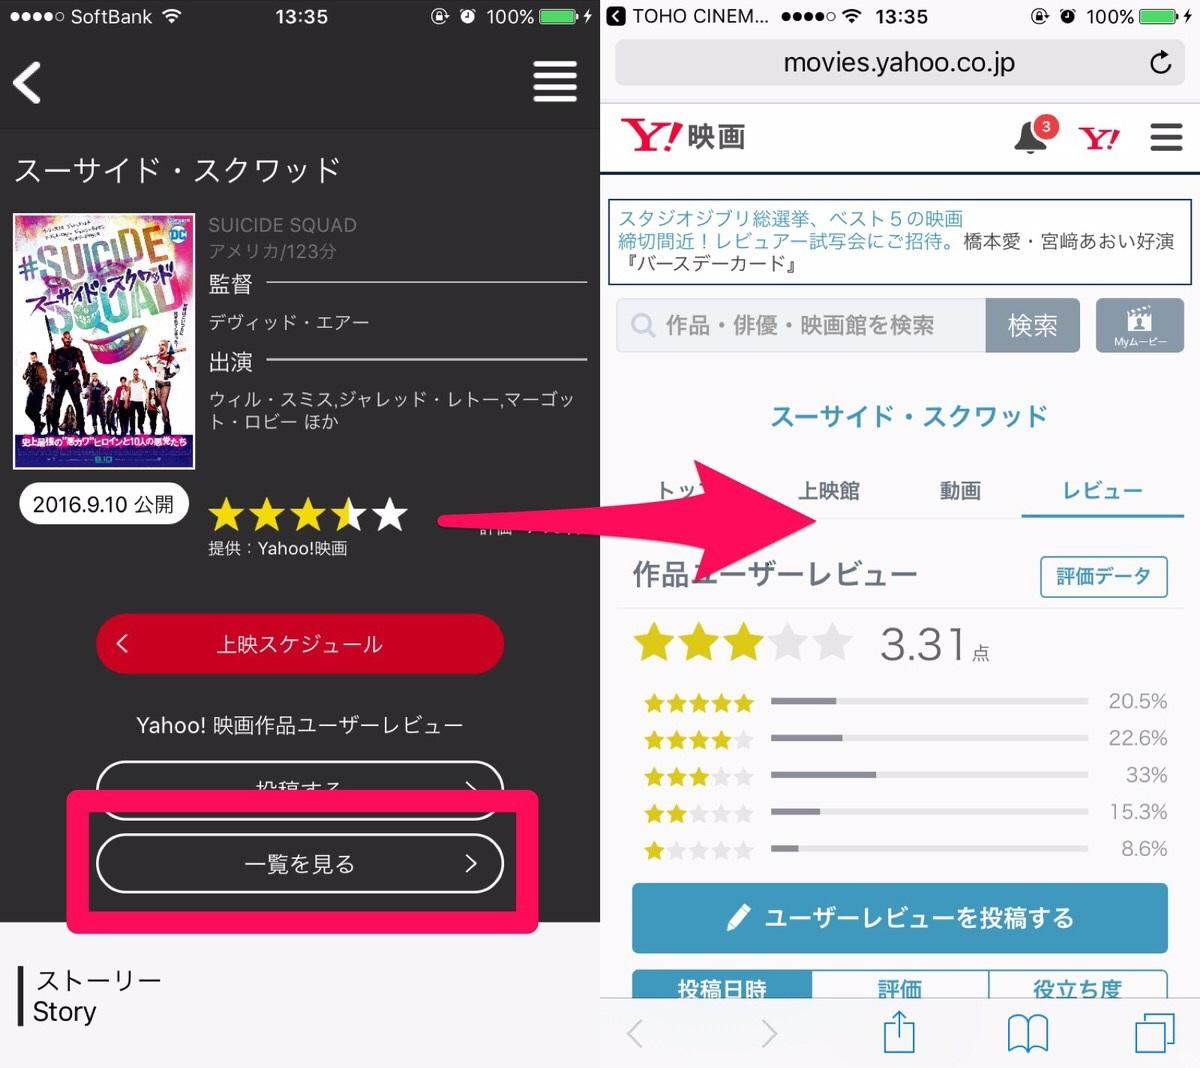 TOHOシネマズ公式アプリ